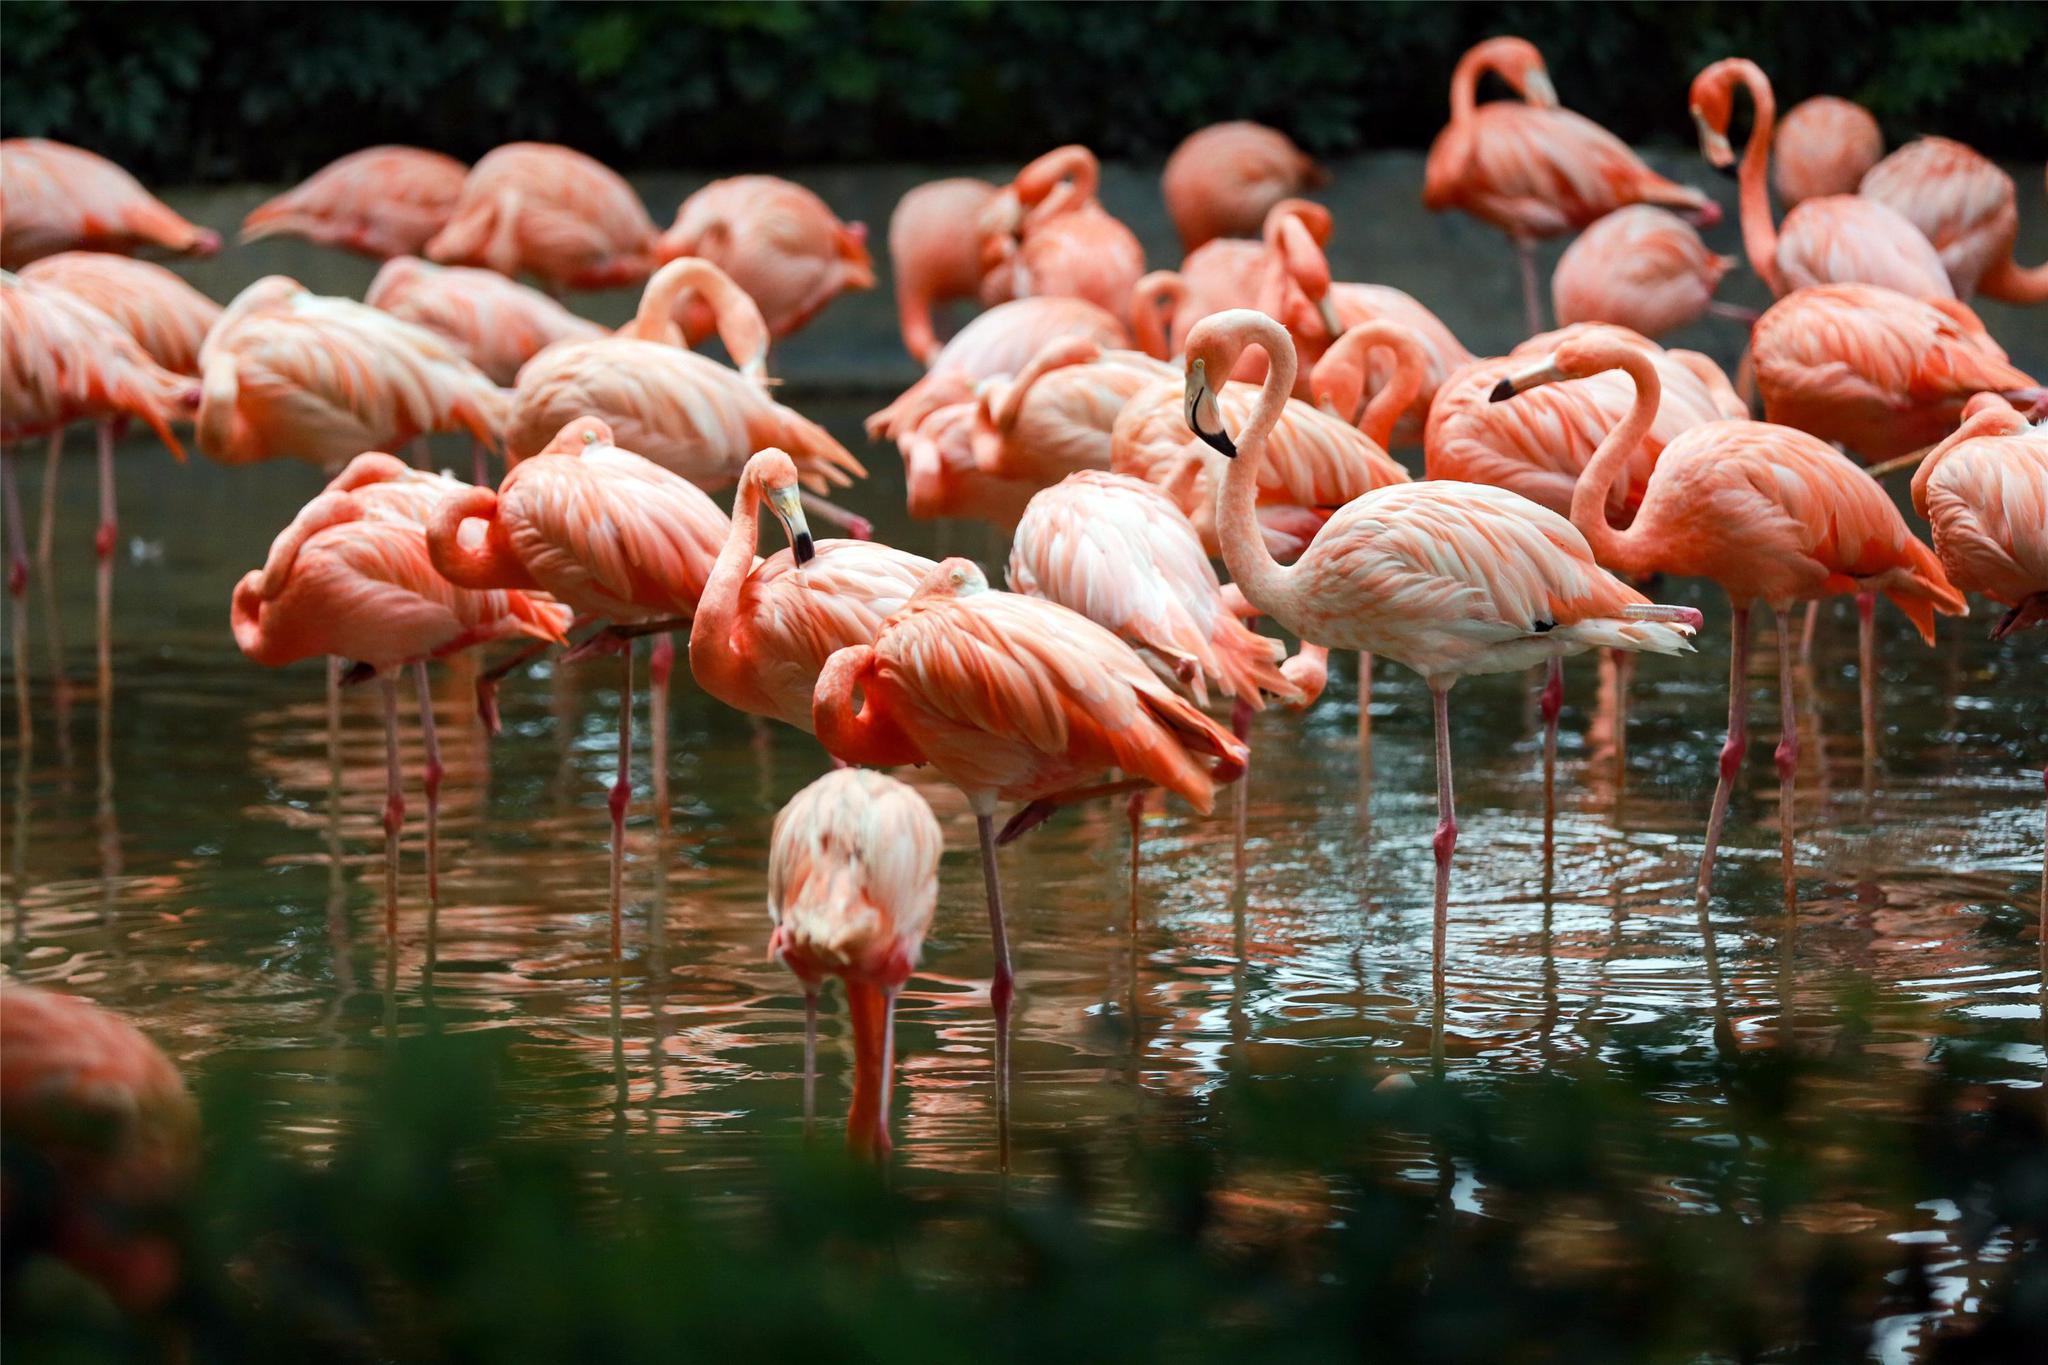 秋季观鸟时 肇庆星湖湿地公园有成千上万只鸟